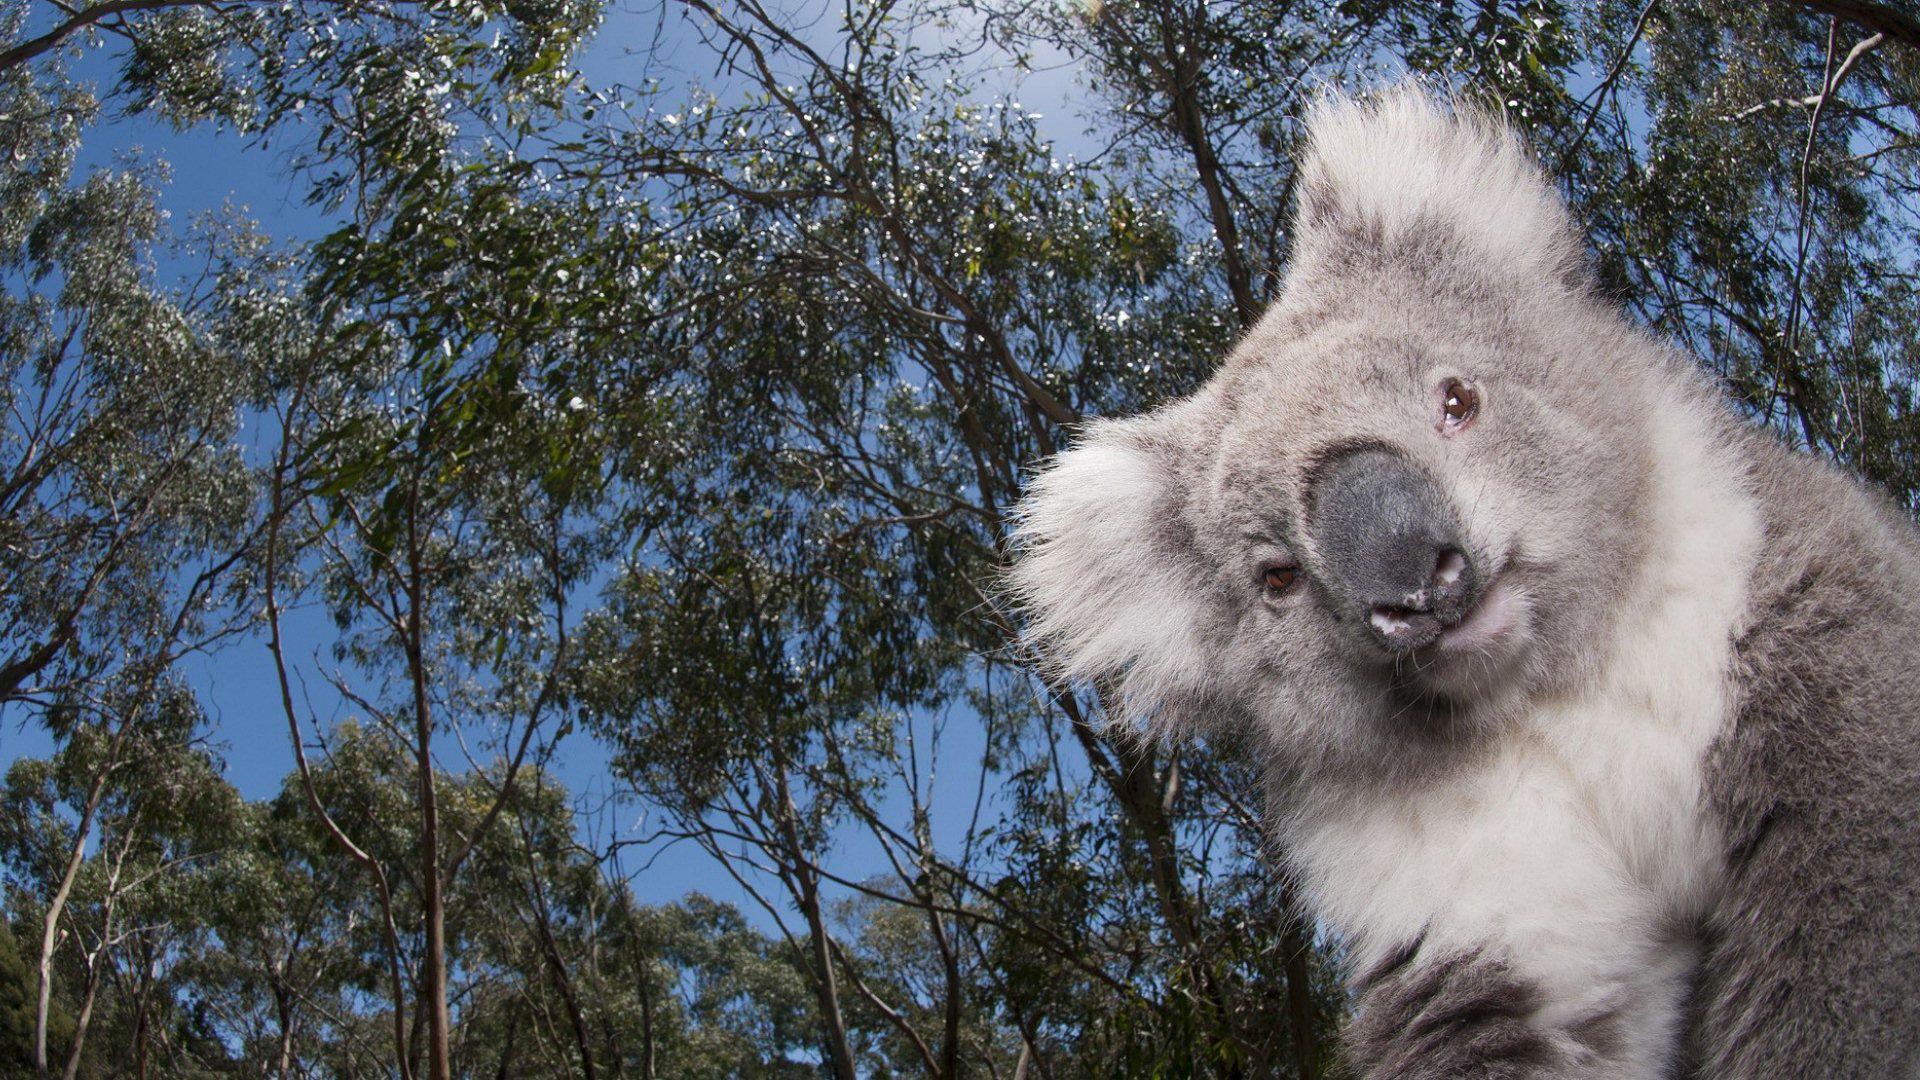 The Wallpapers Koala